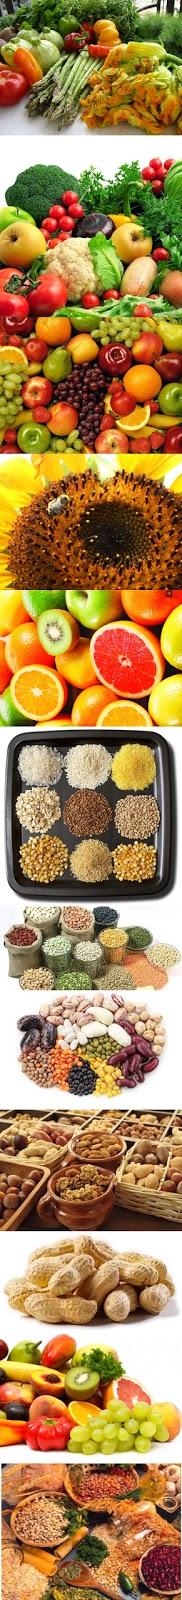 Περιεκτικότητα τροφίμων σε φυτικές ίνες